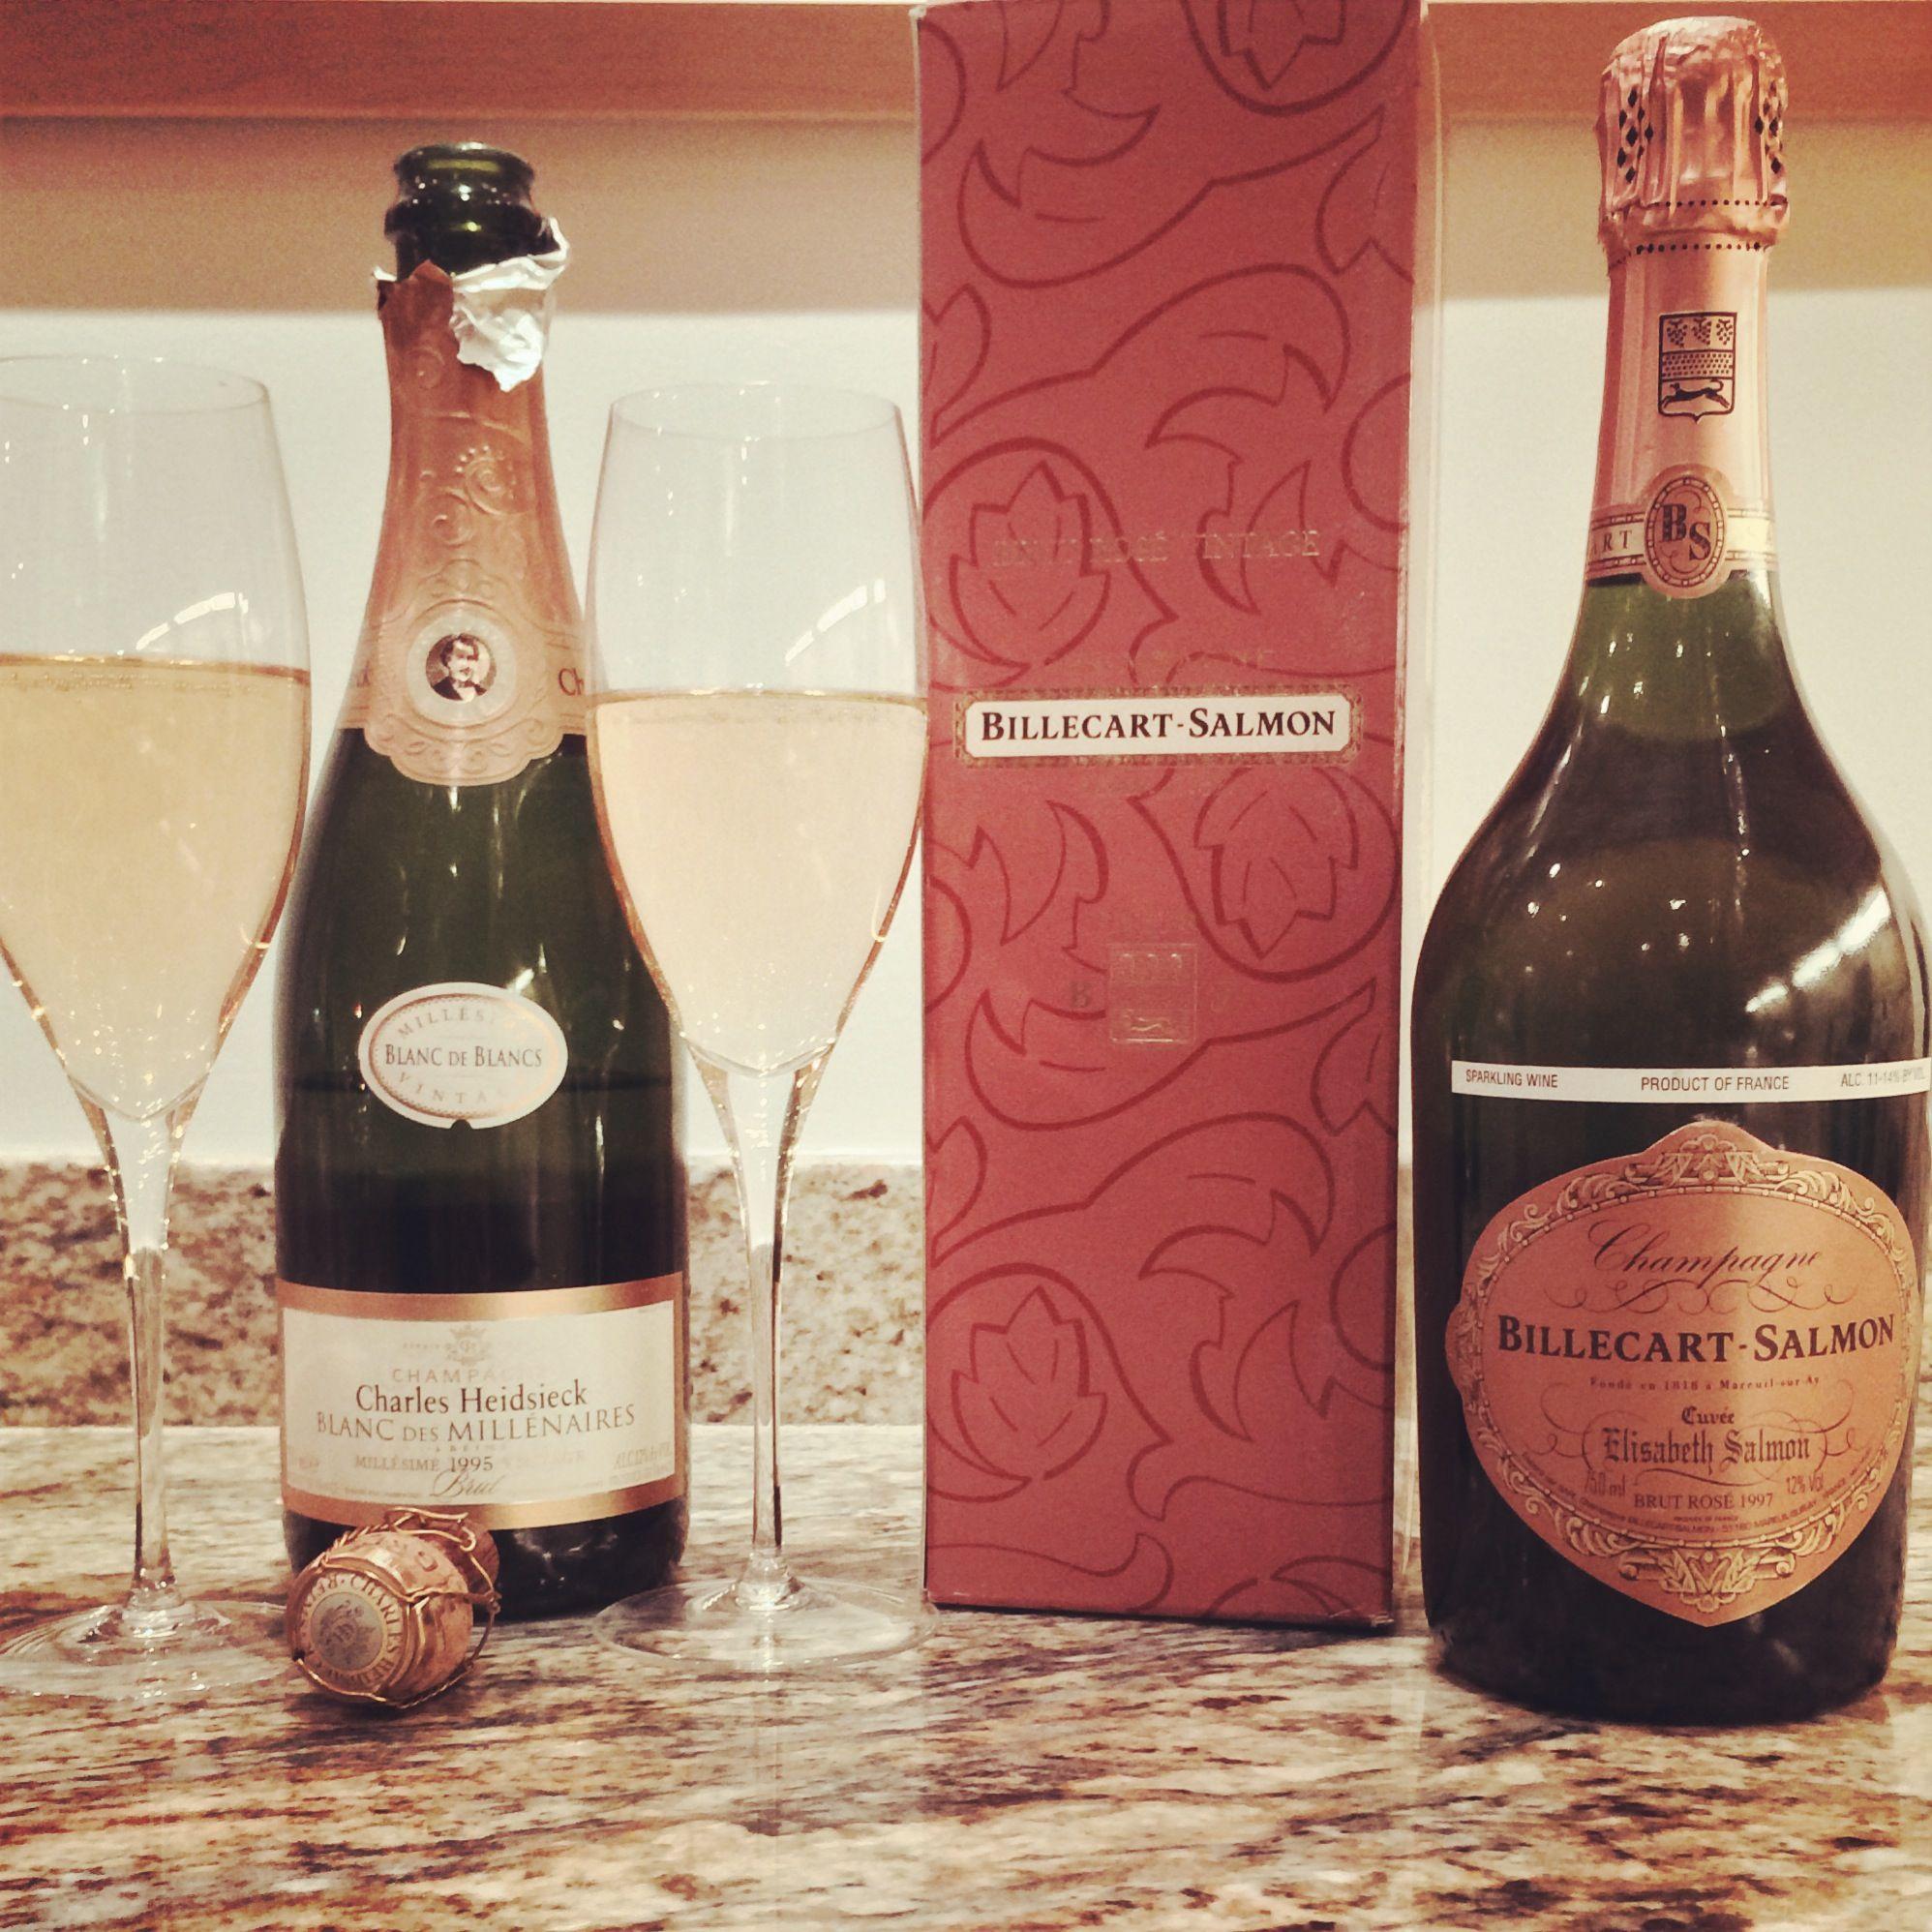 Pin By Debra Schlosser On Cheers Rose Wine Bottle Wine Bottle Bottle